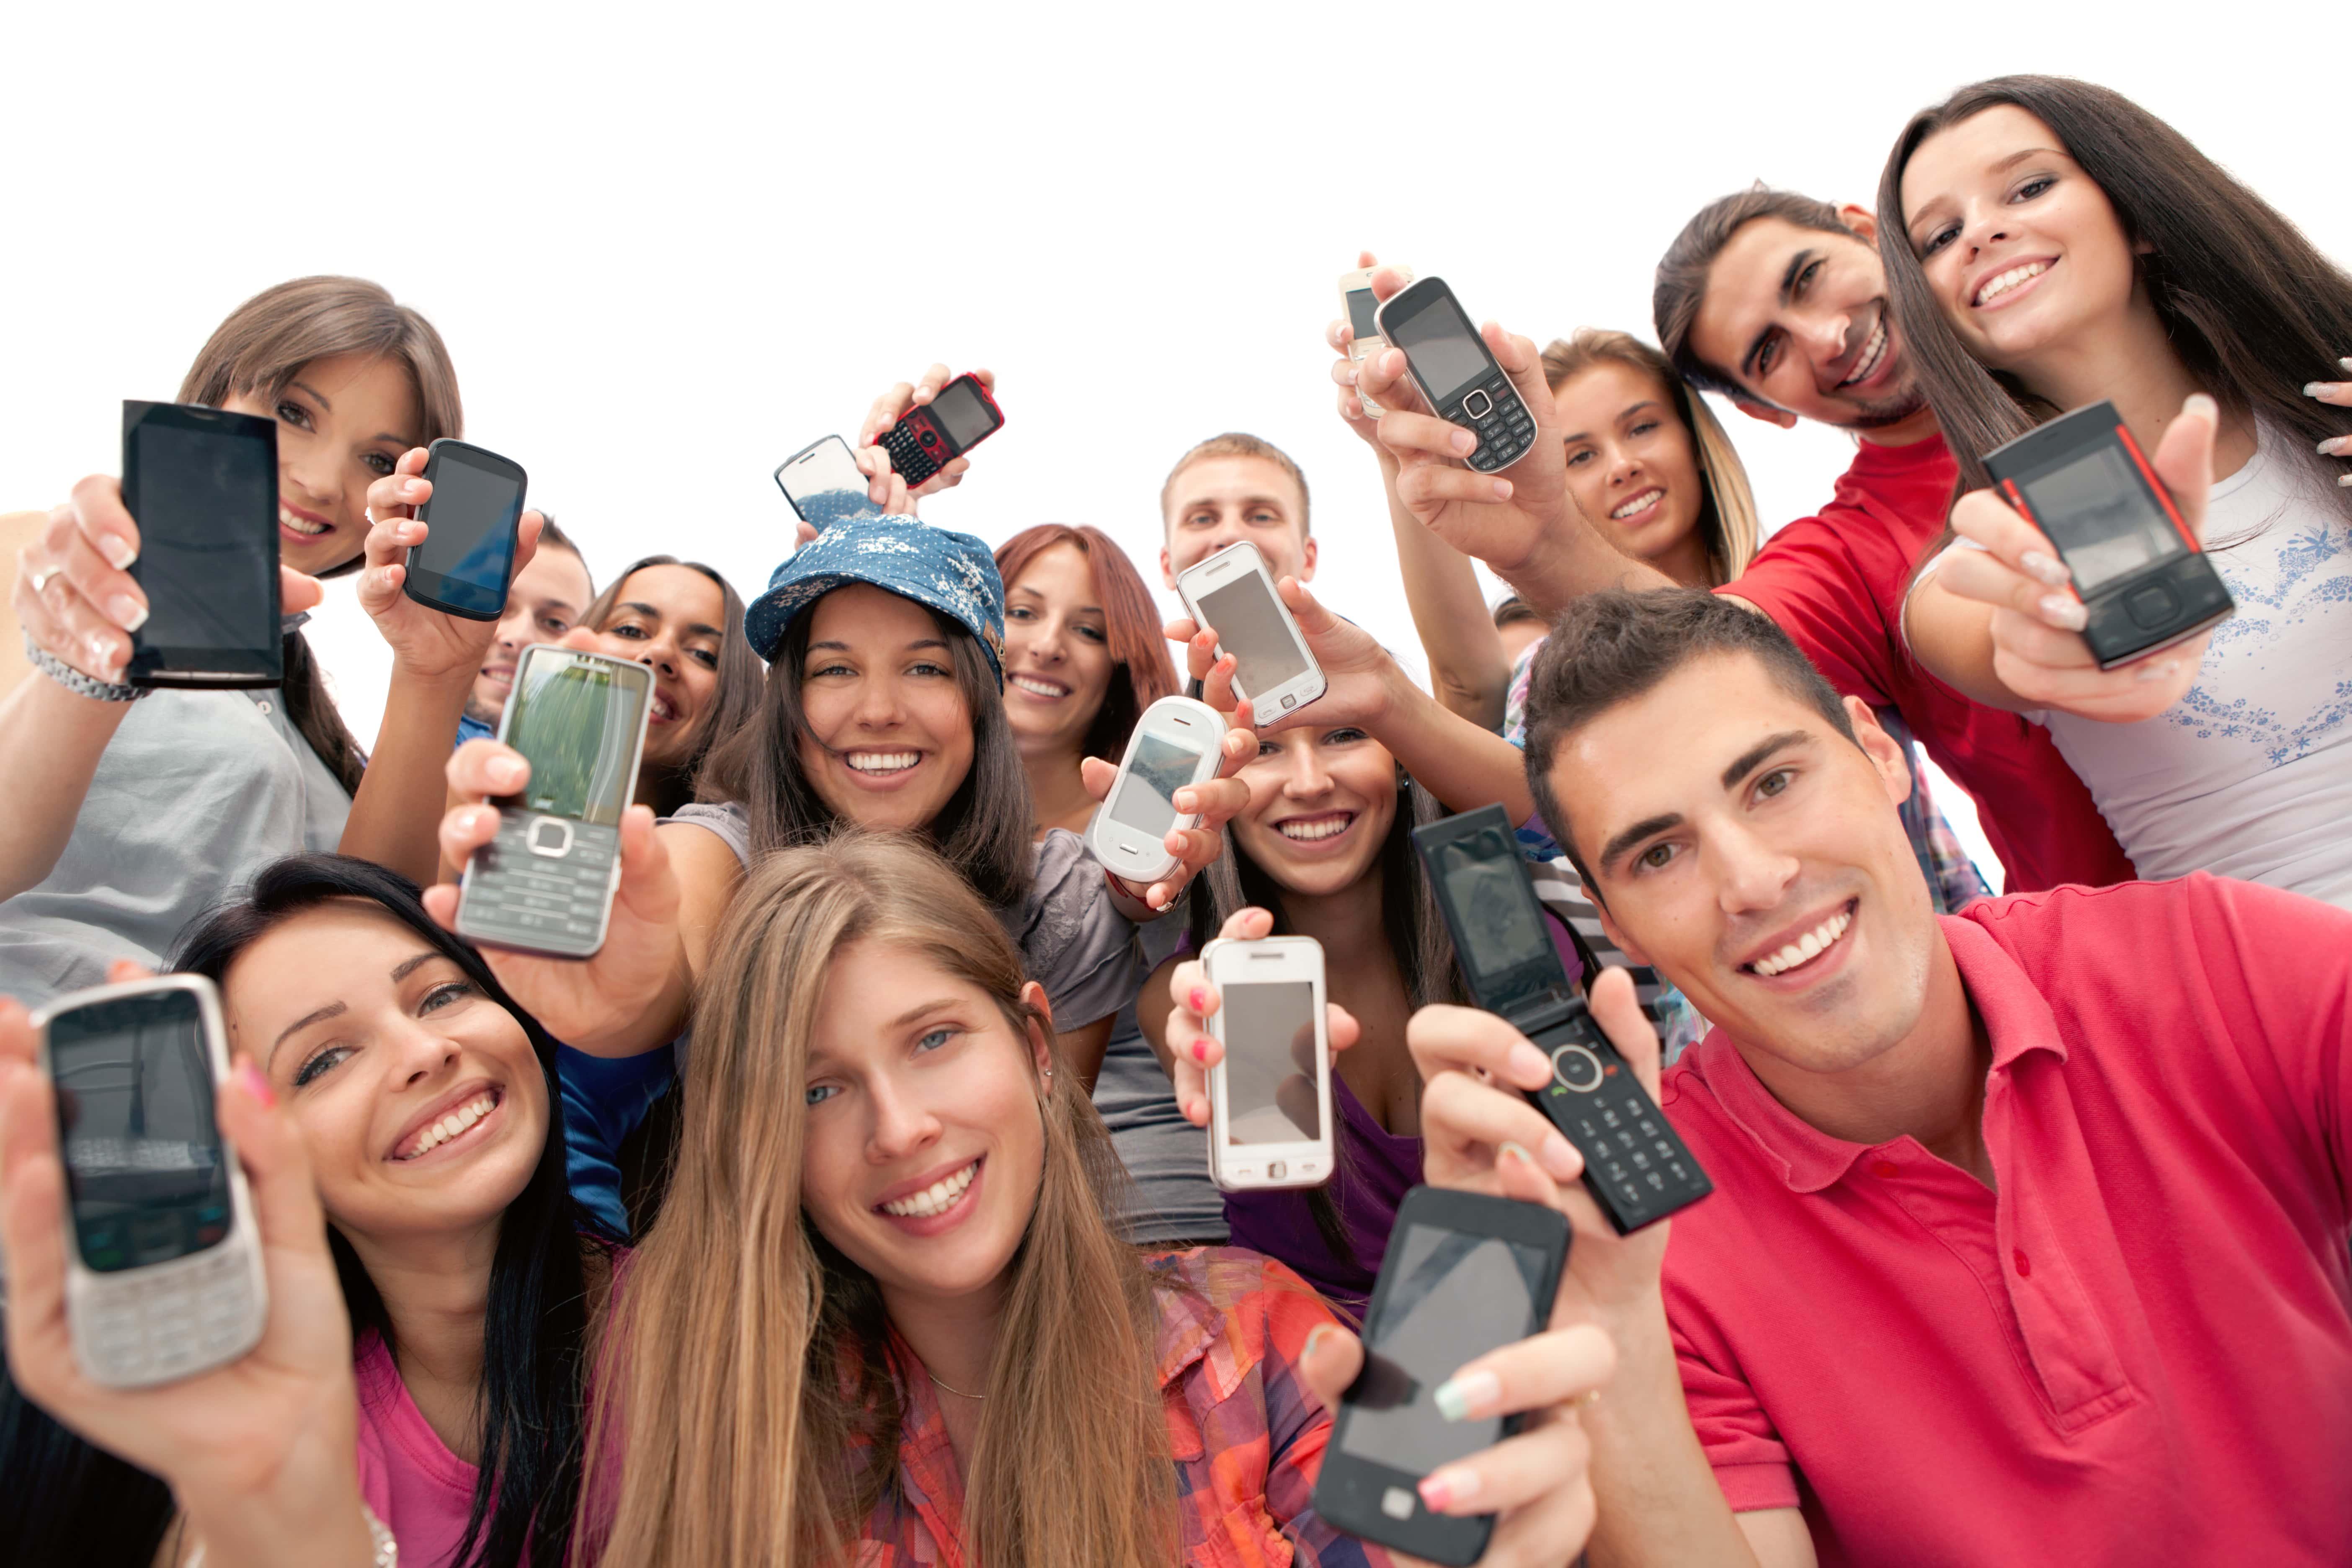 большие картинки с телефонами конкурса покажут зрителям